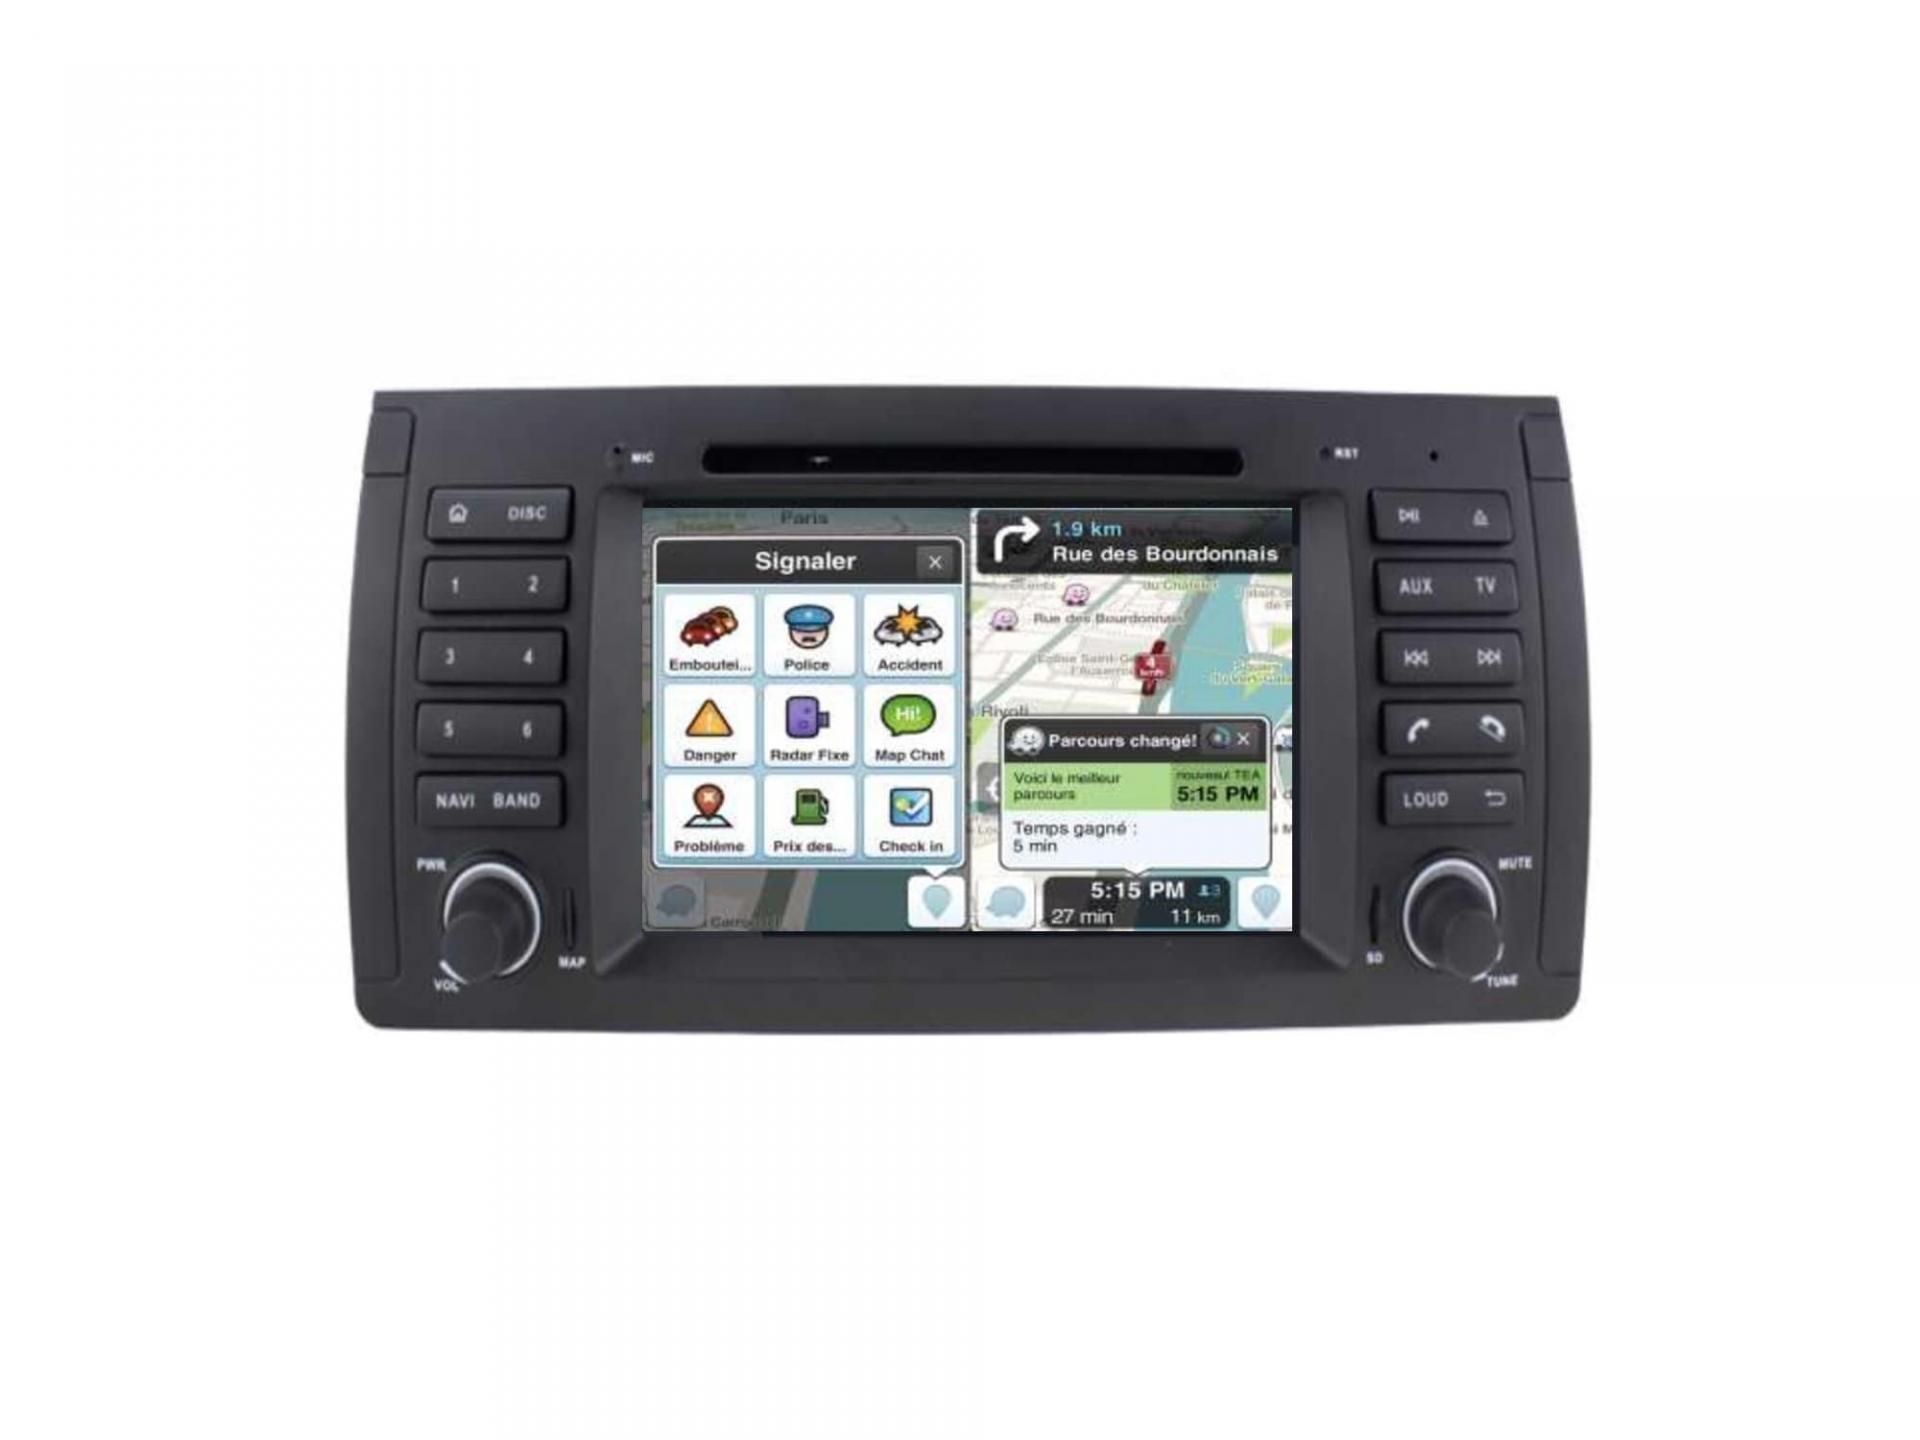 Autoradio gps carplay android auto bluetooth bmw serie 5 e39 m5 x5 e53 serie 7 e38 5